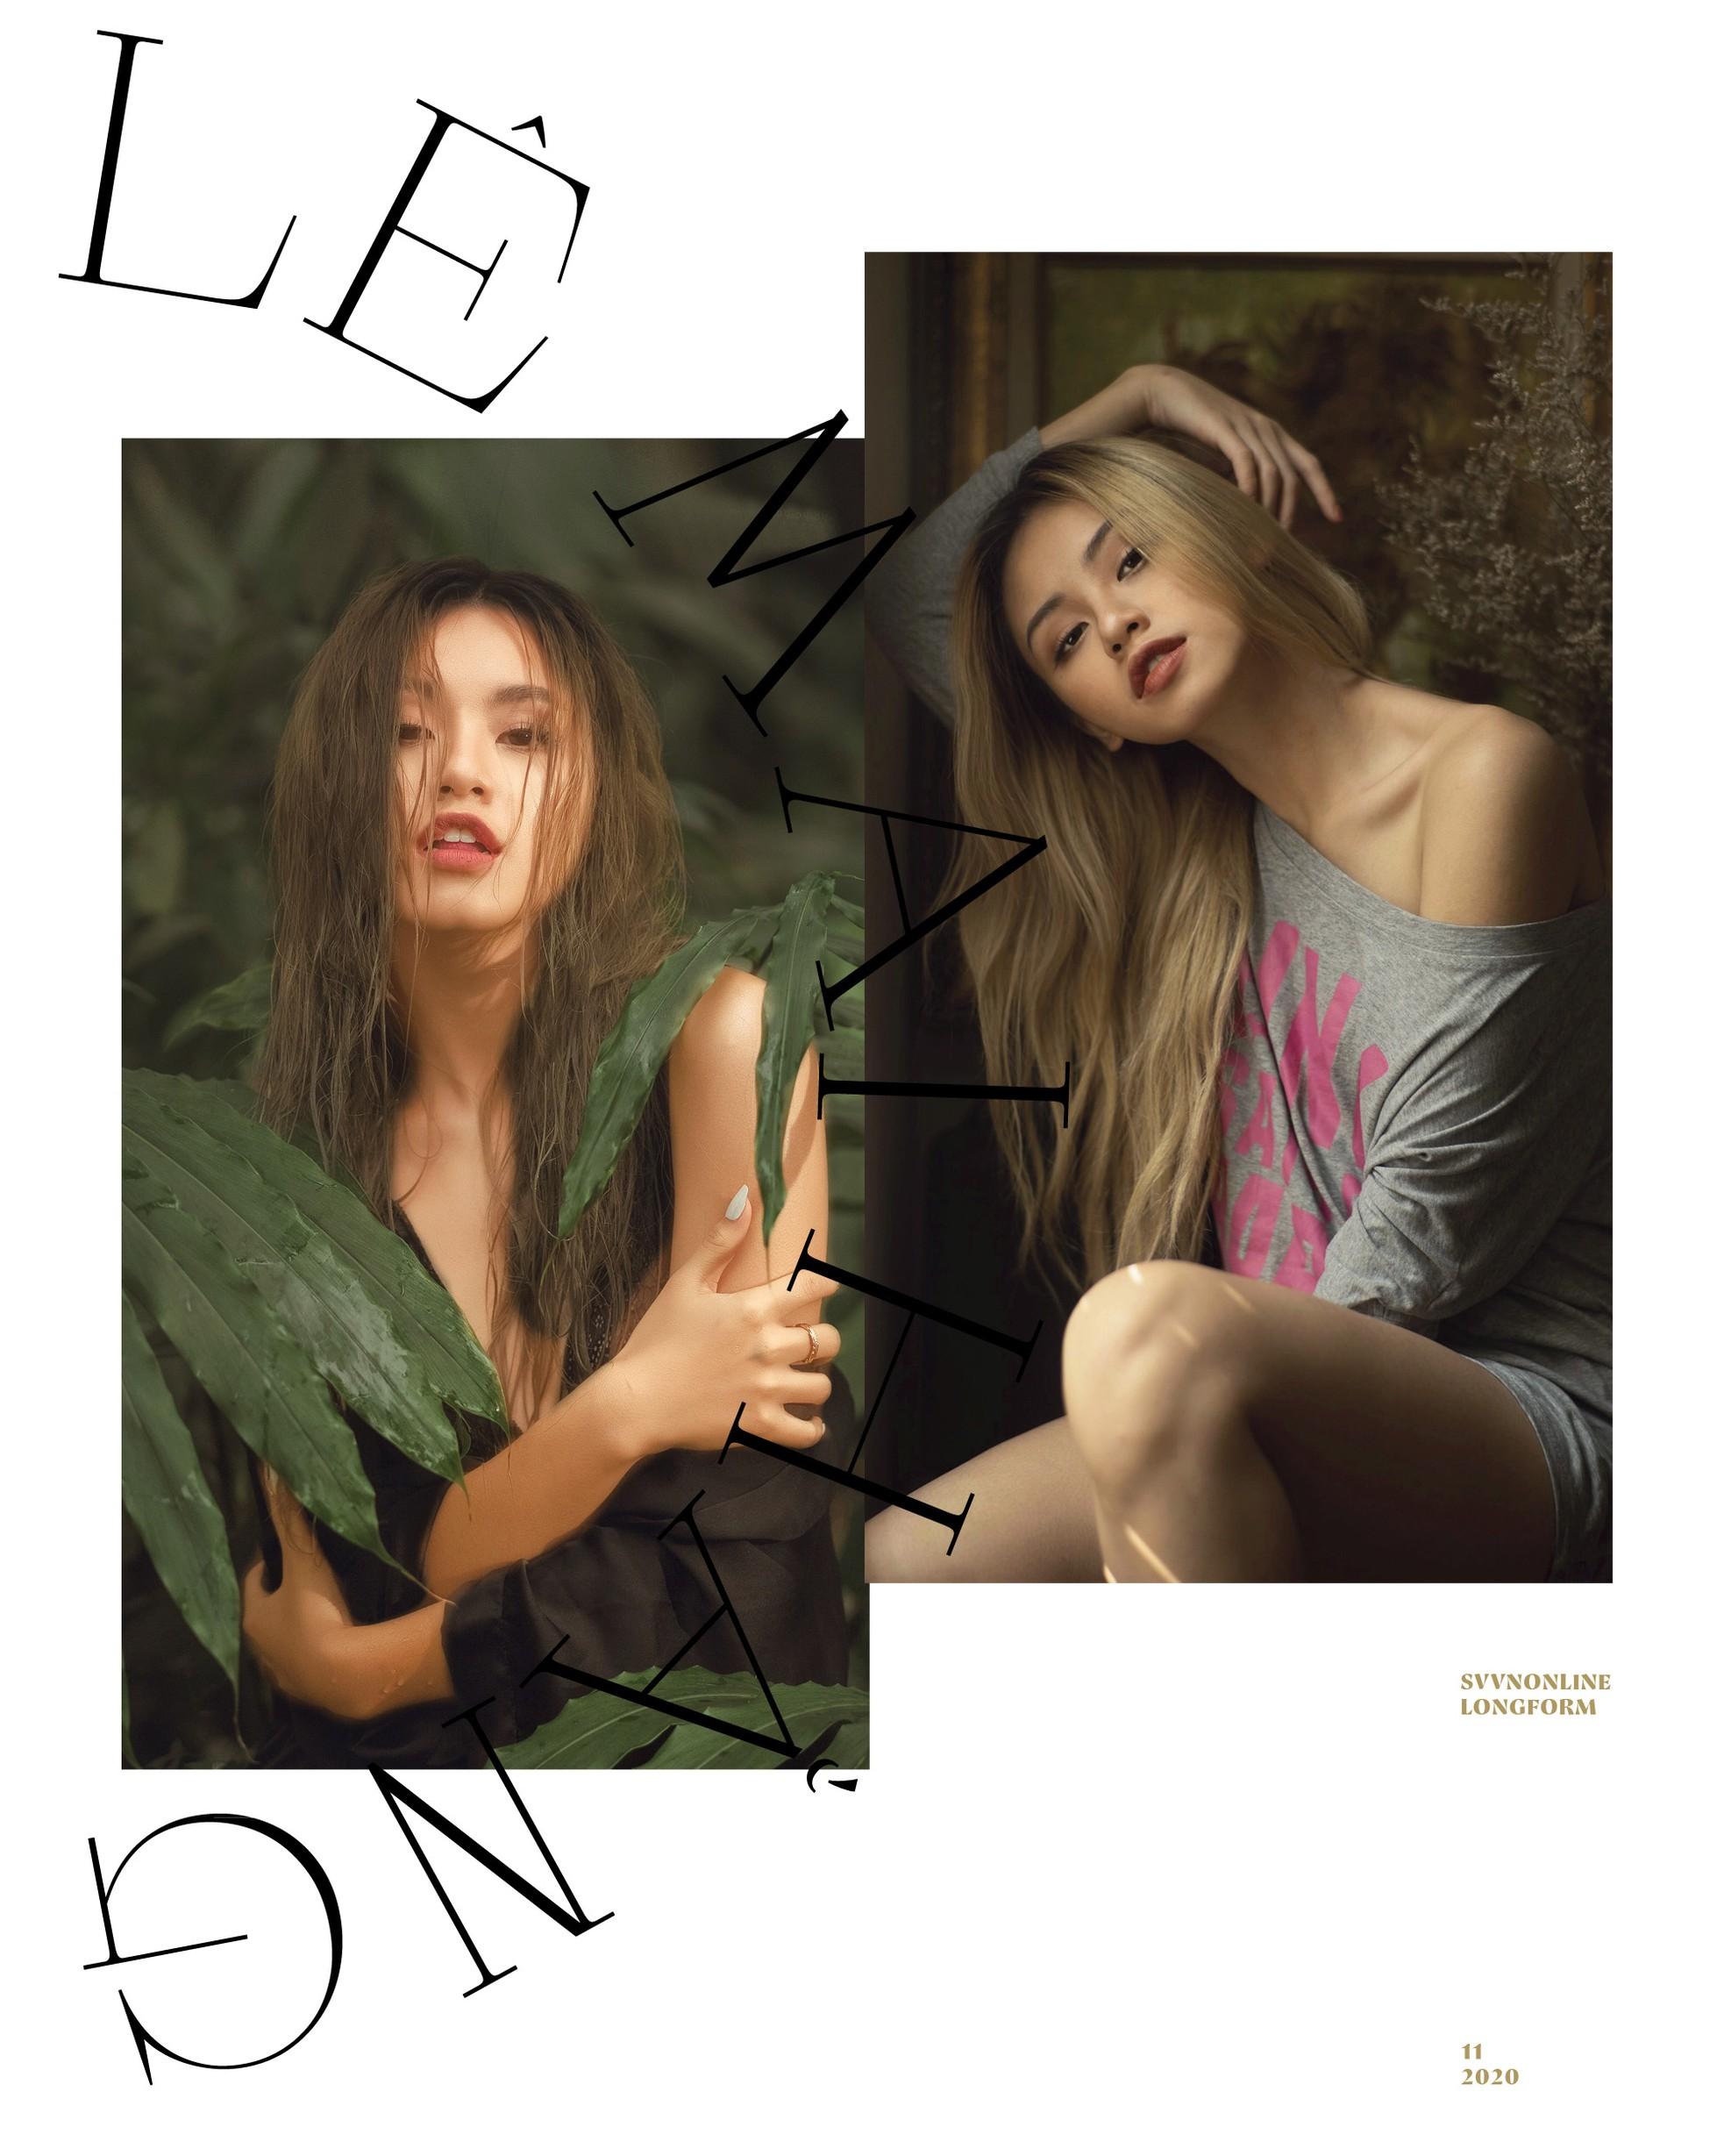 Nữ sinh Ngoại Thương bảo lưu đại học Nam tiến trở thành Influencer ảnh 6